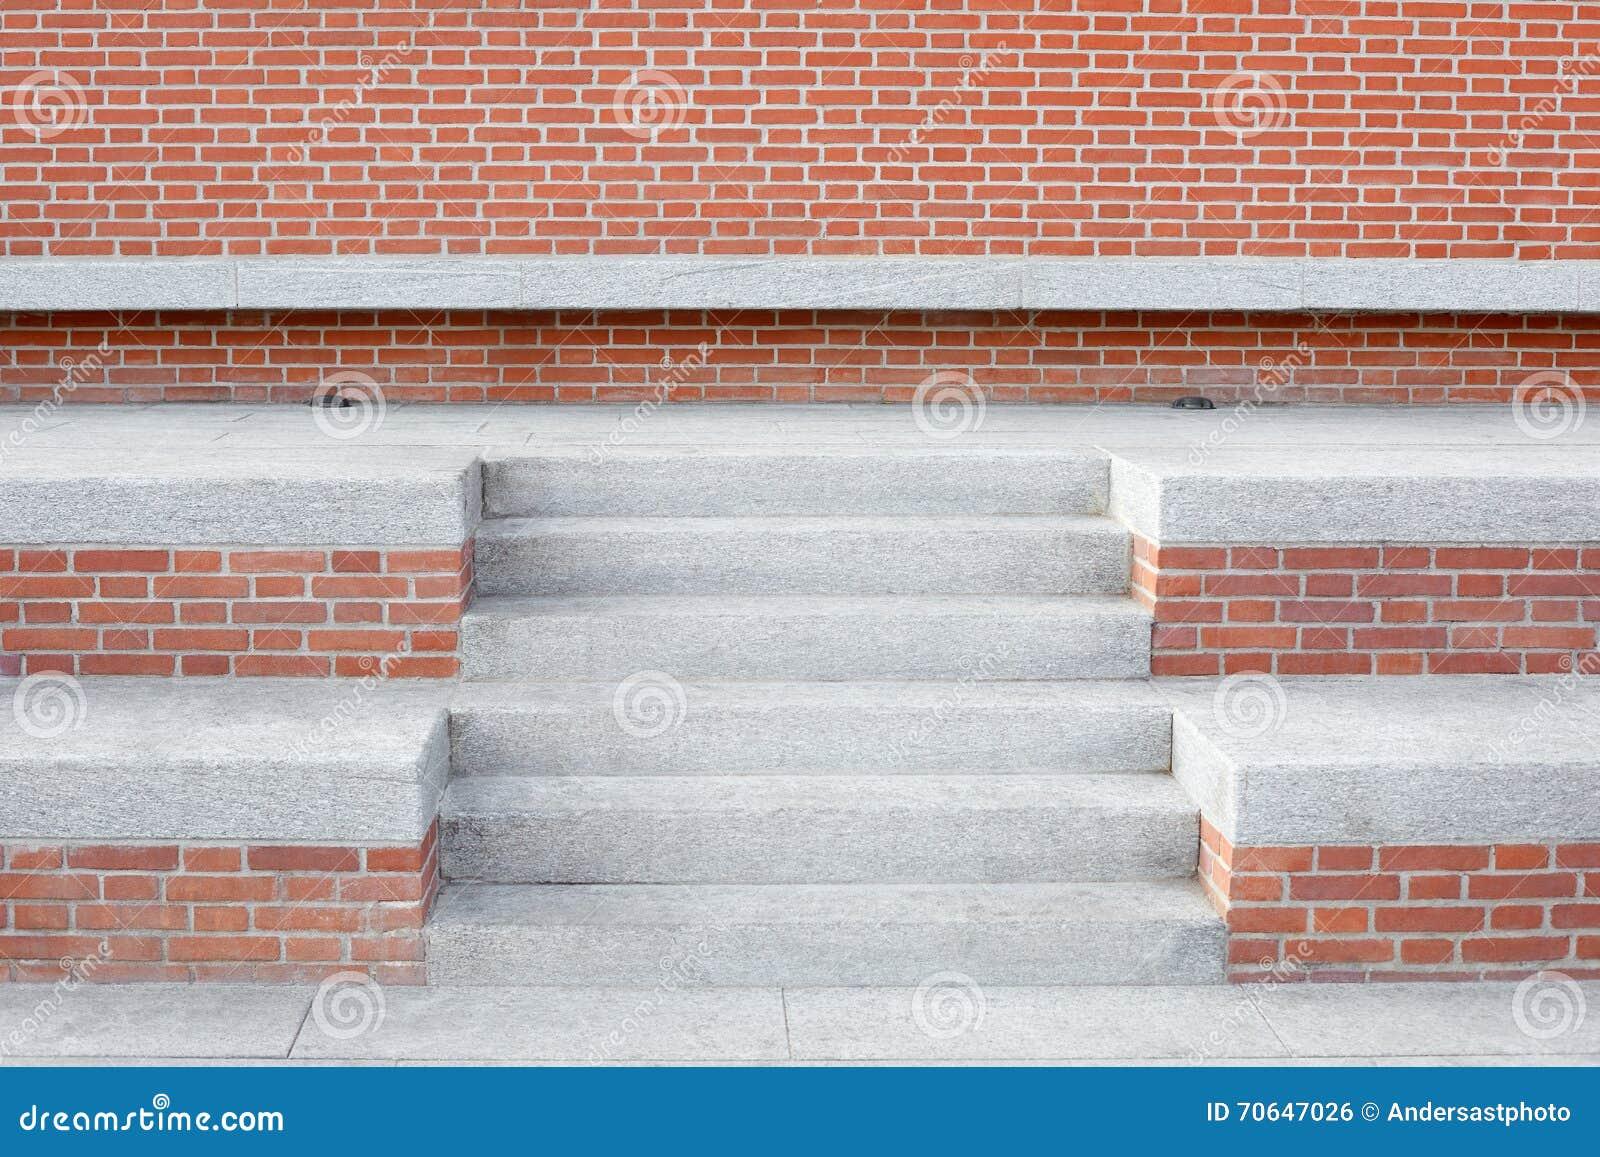 mur de briques rouges avec l 39 escalier en pierre et les. Black Bedroom Furniture Sets. Home Design Ideas